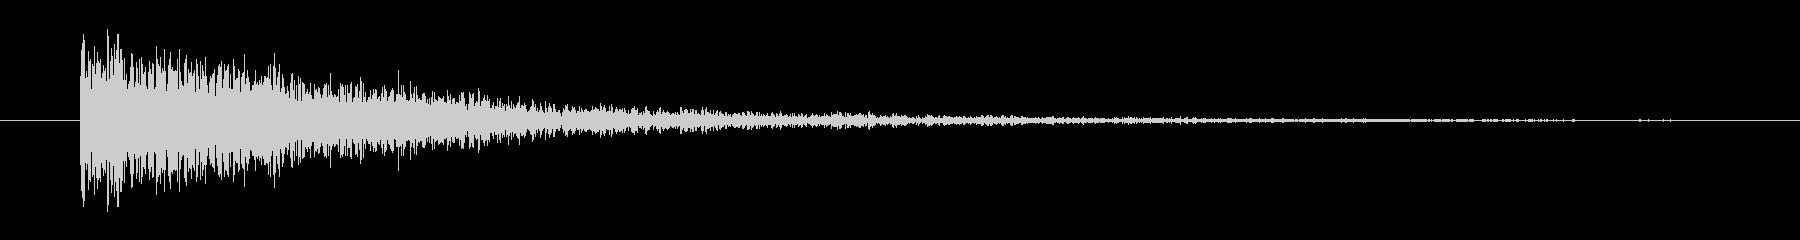 メタル ビッグインパクトラトル01の未再生の波形